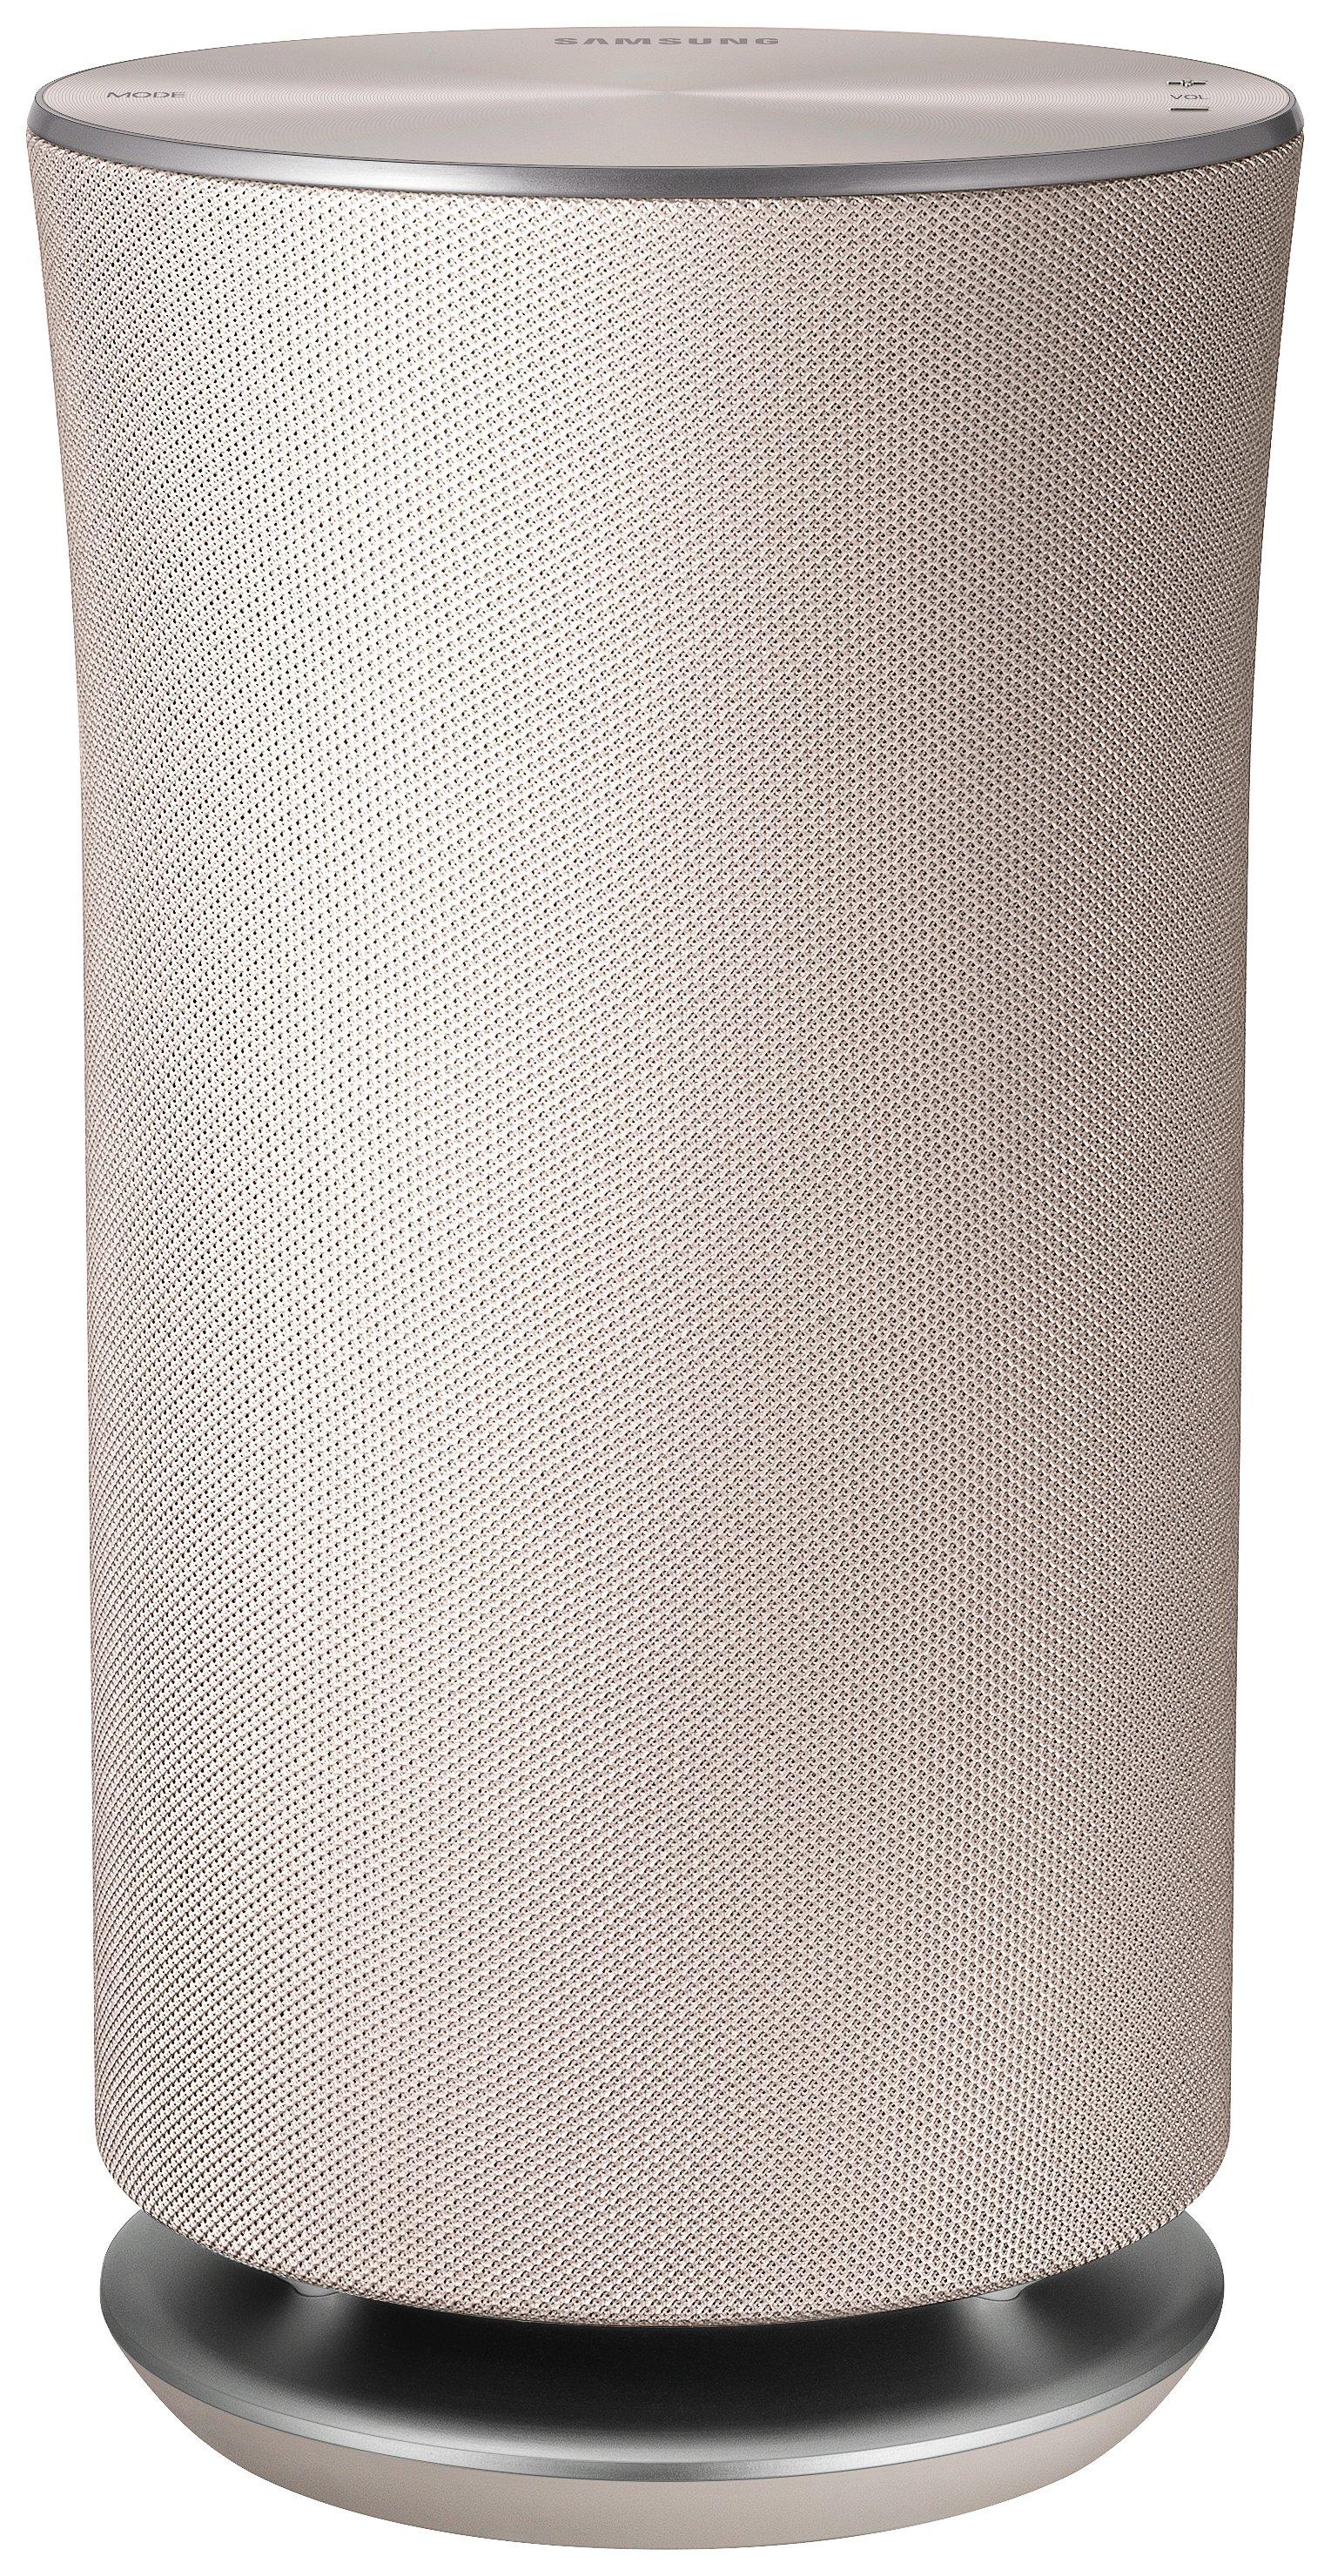 Samsung R3 360 Sound Wireless Speaker - Ivy.